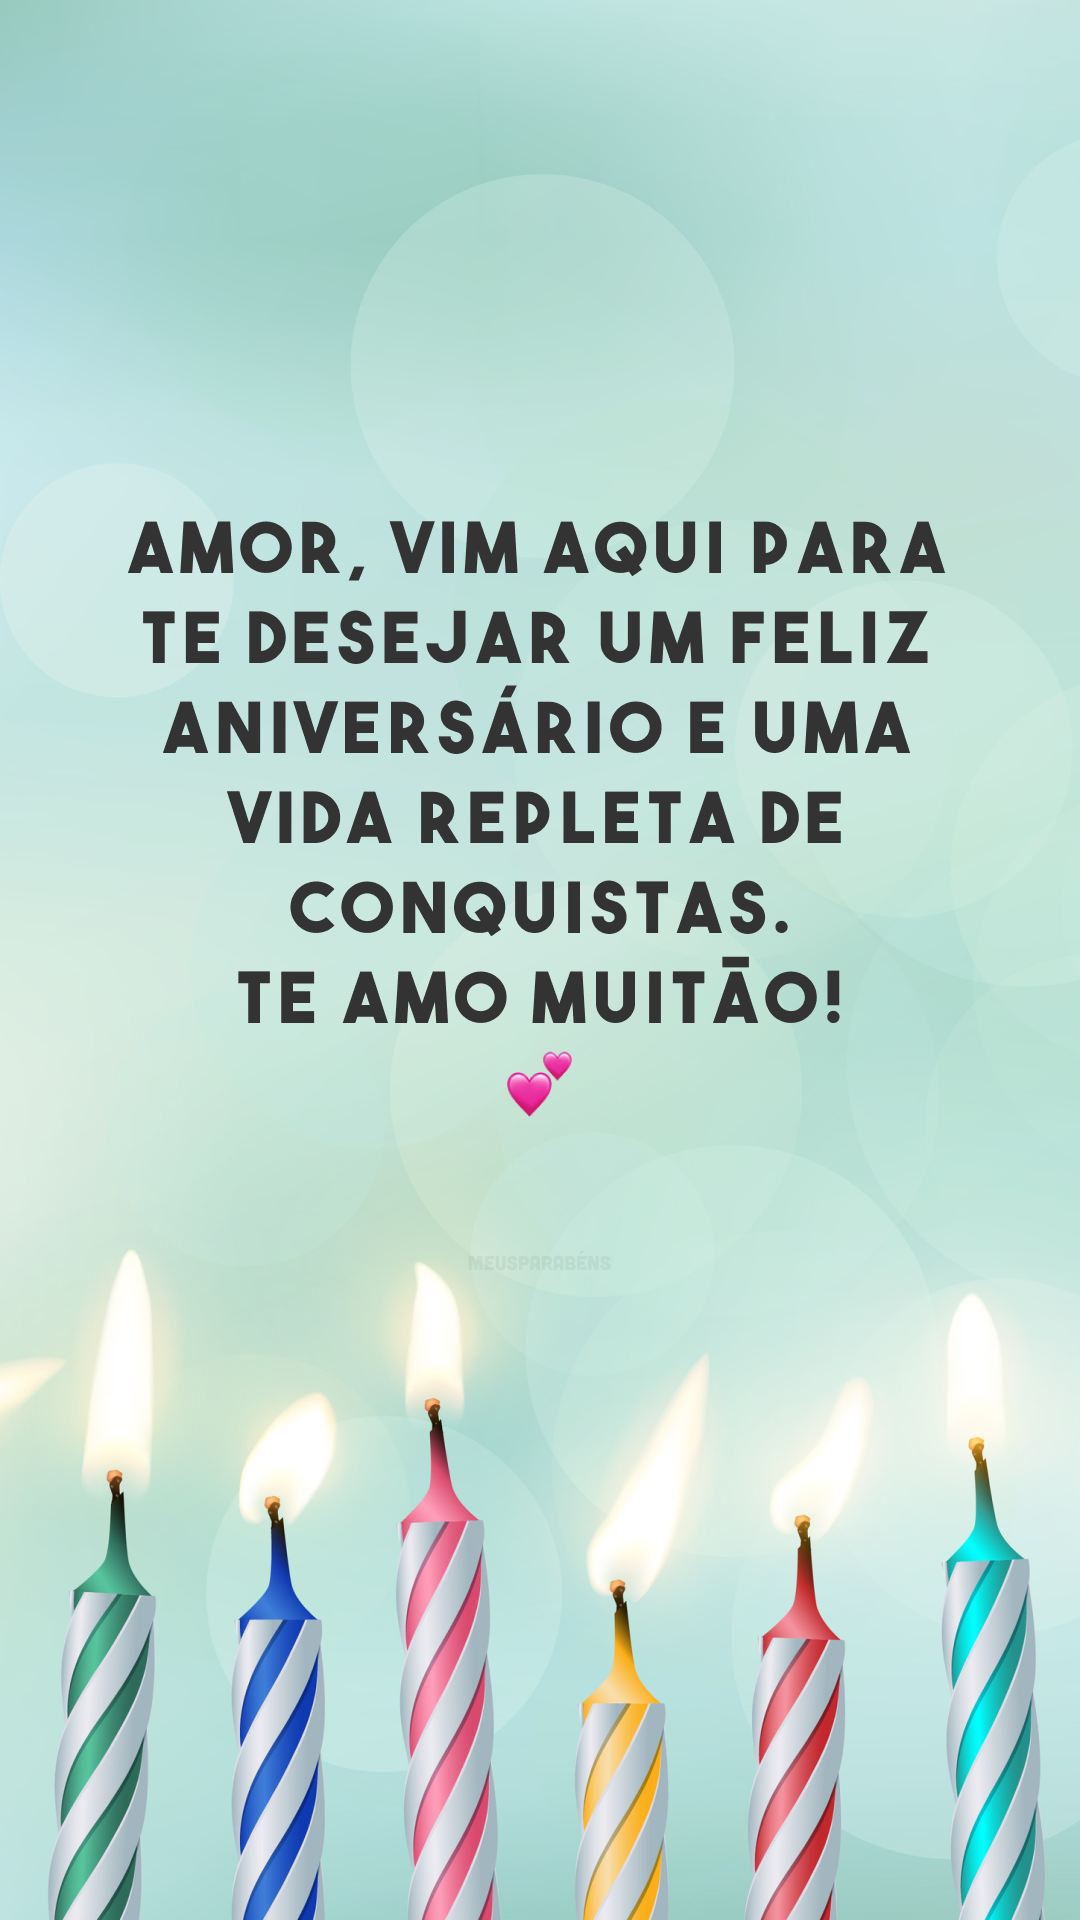 Amor, vim aqui para te desejar um feliz aniversário e uma vida repleta de conquistas. Te amo muitão! 💕